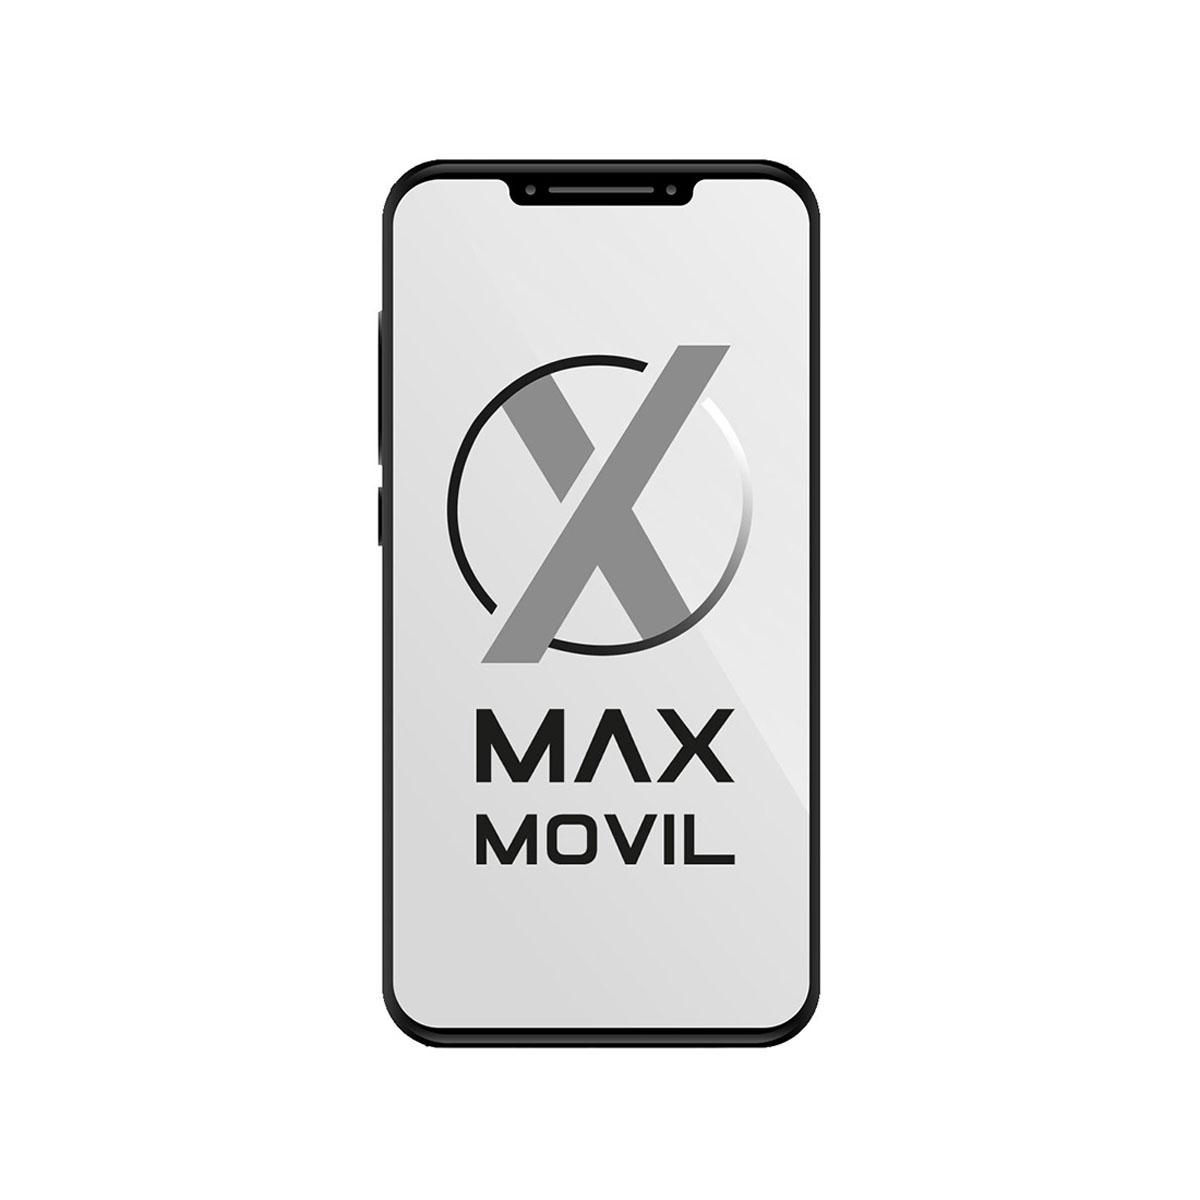 Telefono movil Iphone 7 32GB black CPO ECO-RECICLADO GRADO A